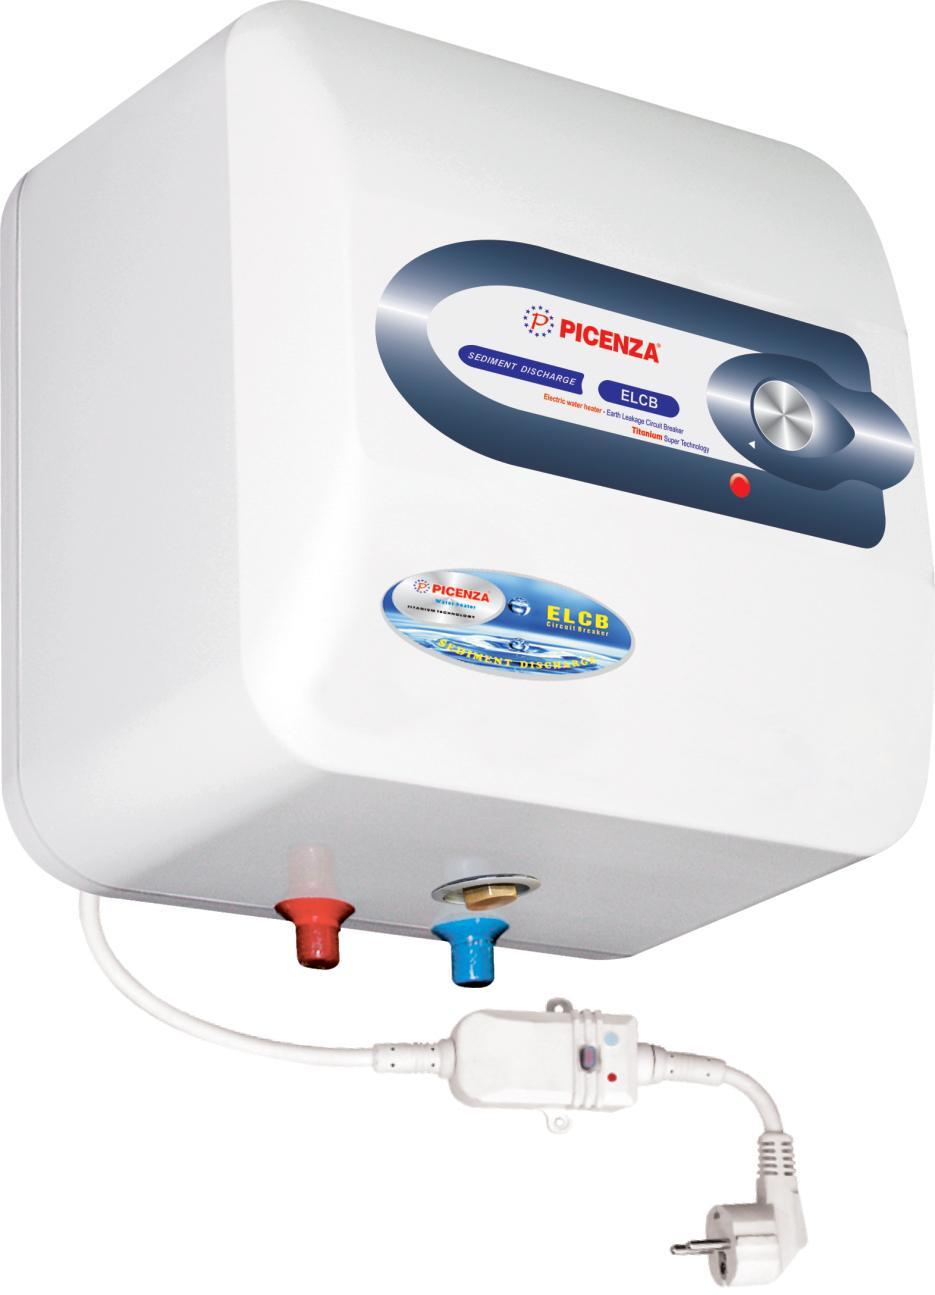 Bình nước nóng chống giật Picenza S15EX